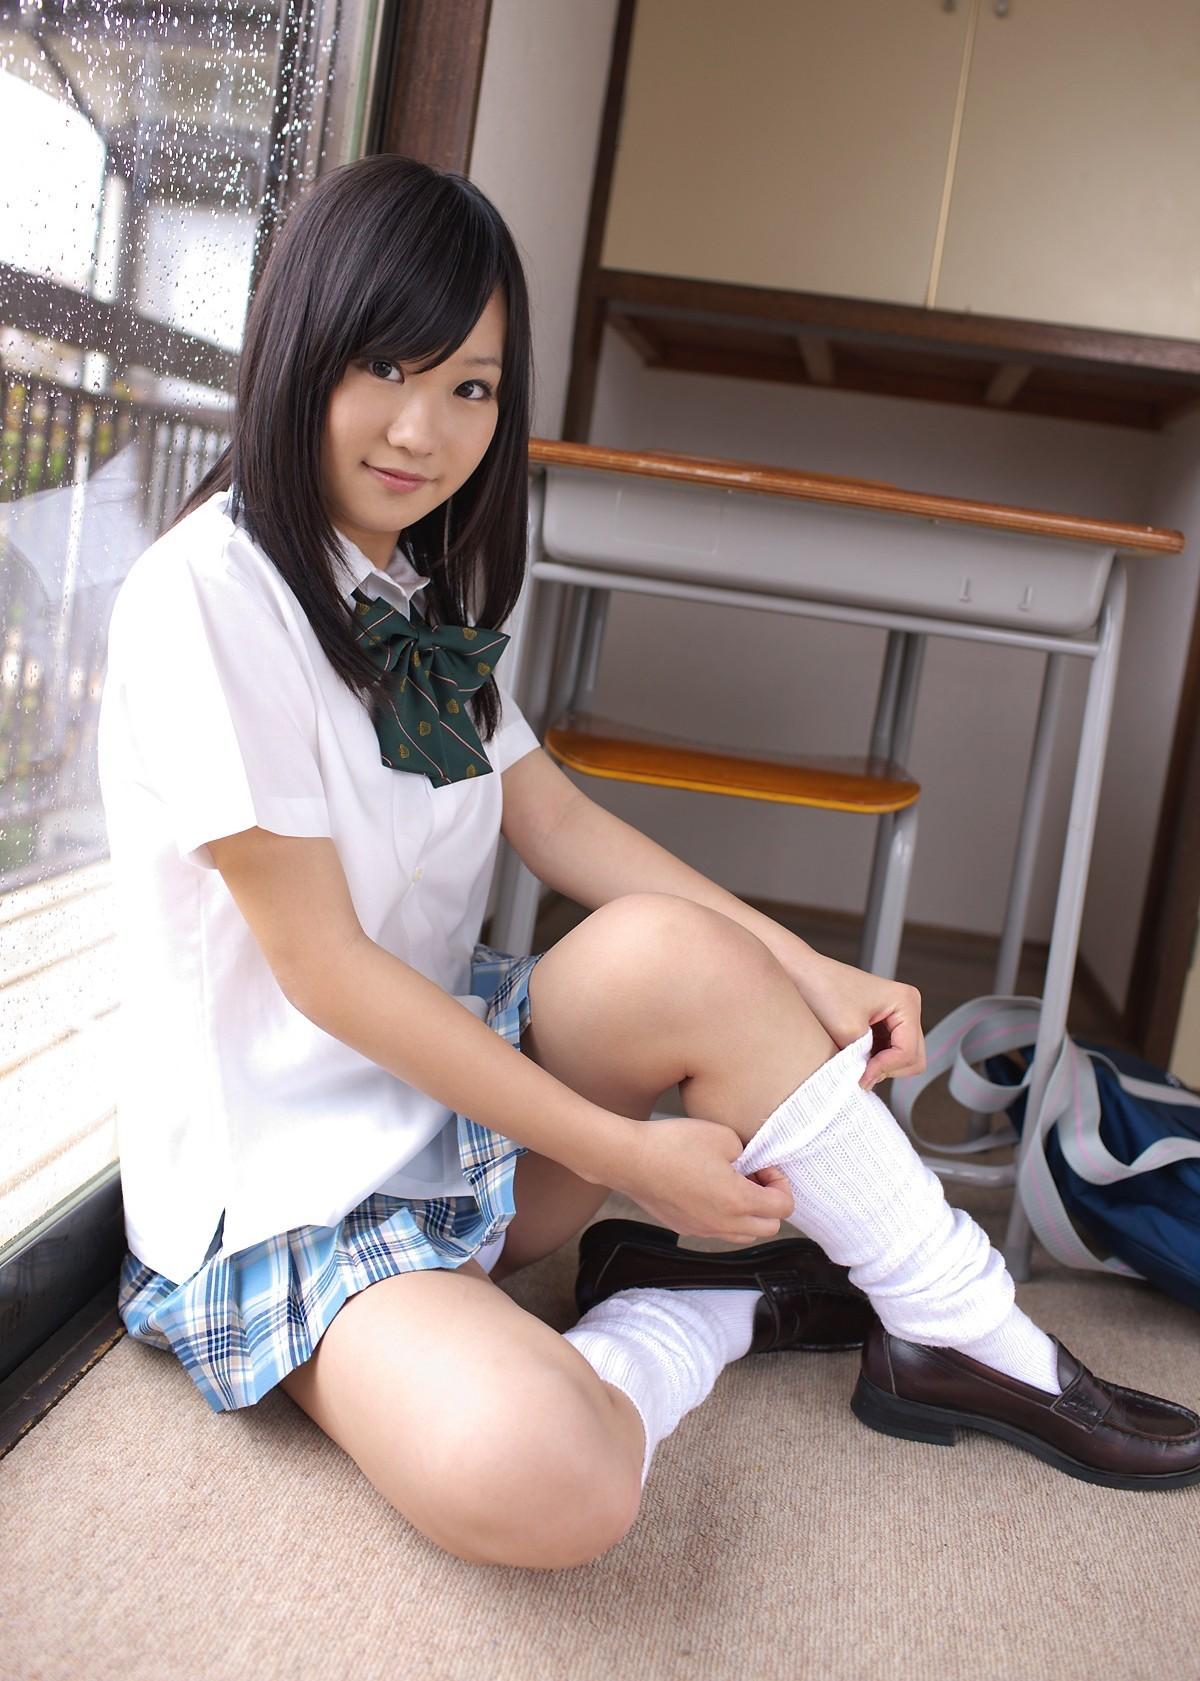 【制服エロ画像】似合う娘なら見たい!制服娘の誘惑ミニスカパンチラ(;´Д`)